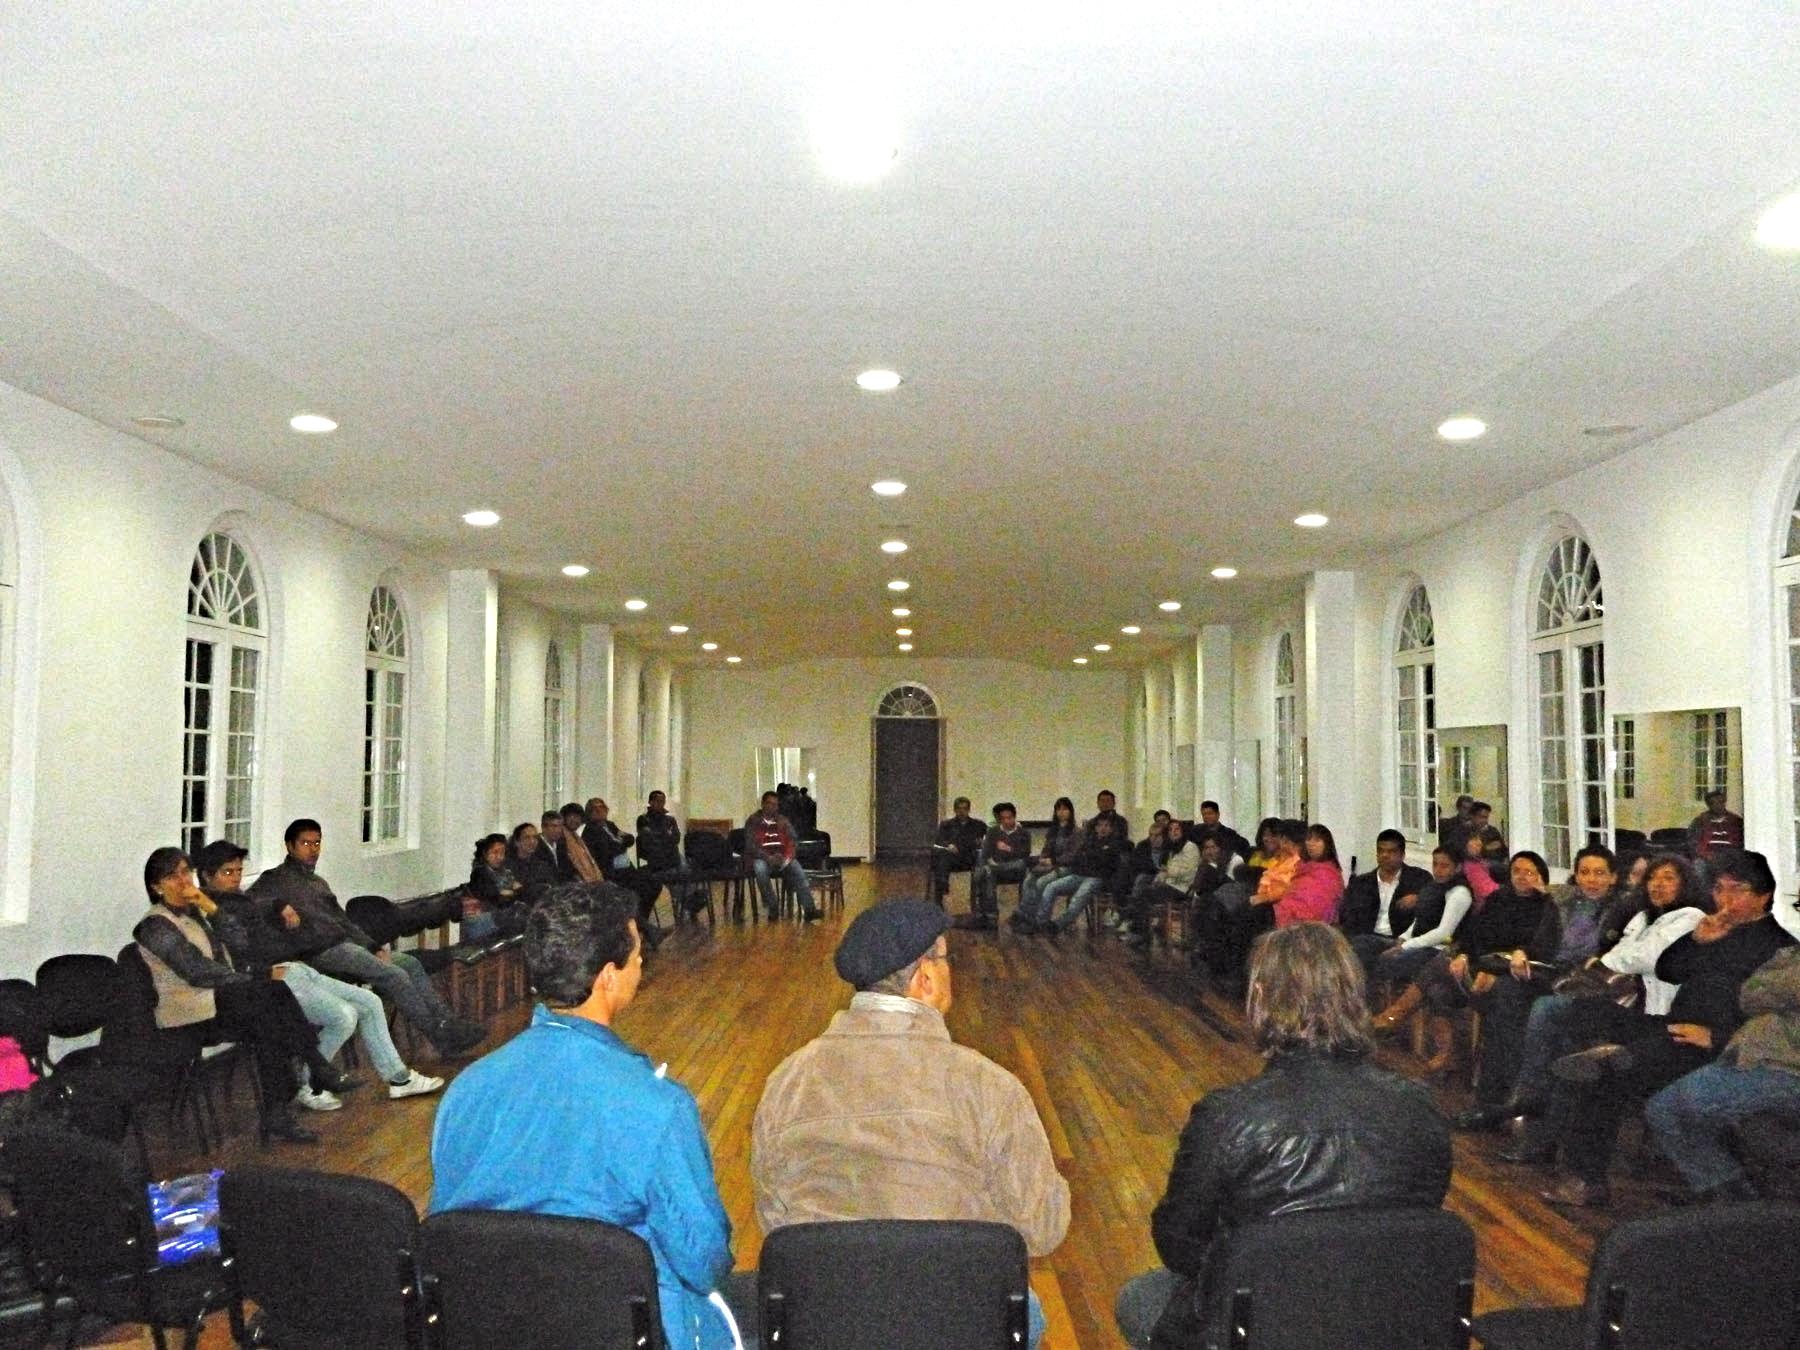 Conferencia sobre chamanismo con Alejandro Retamal, Joe Tafur y